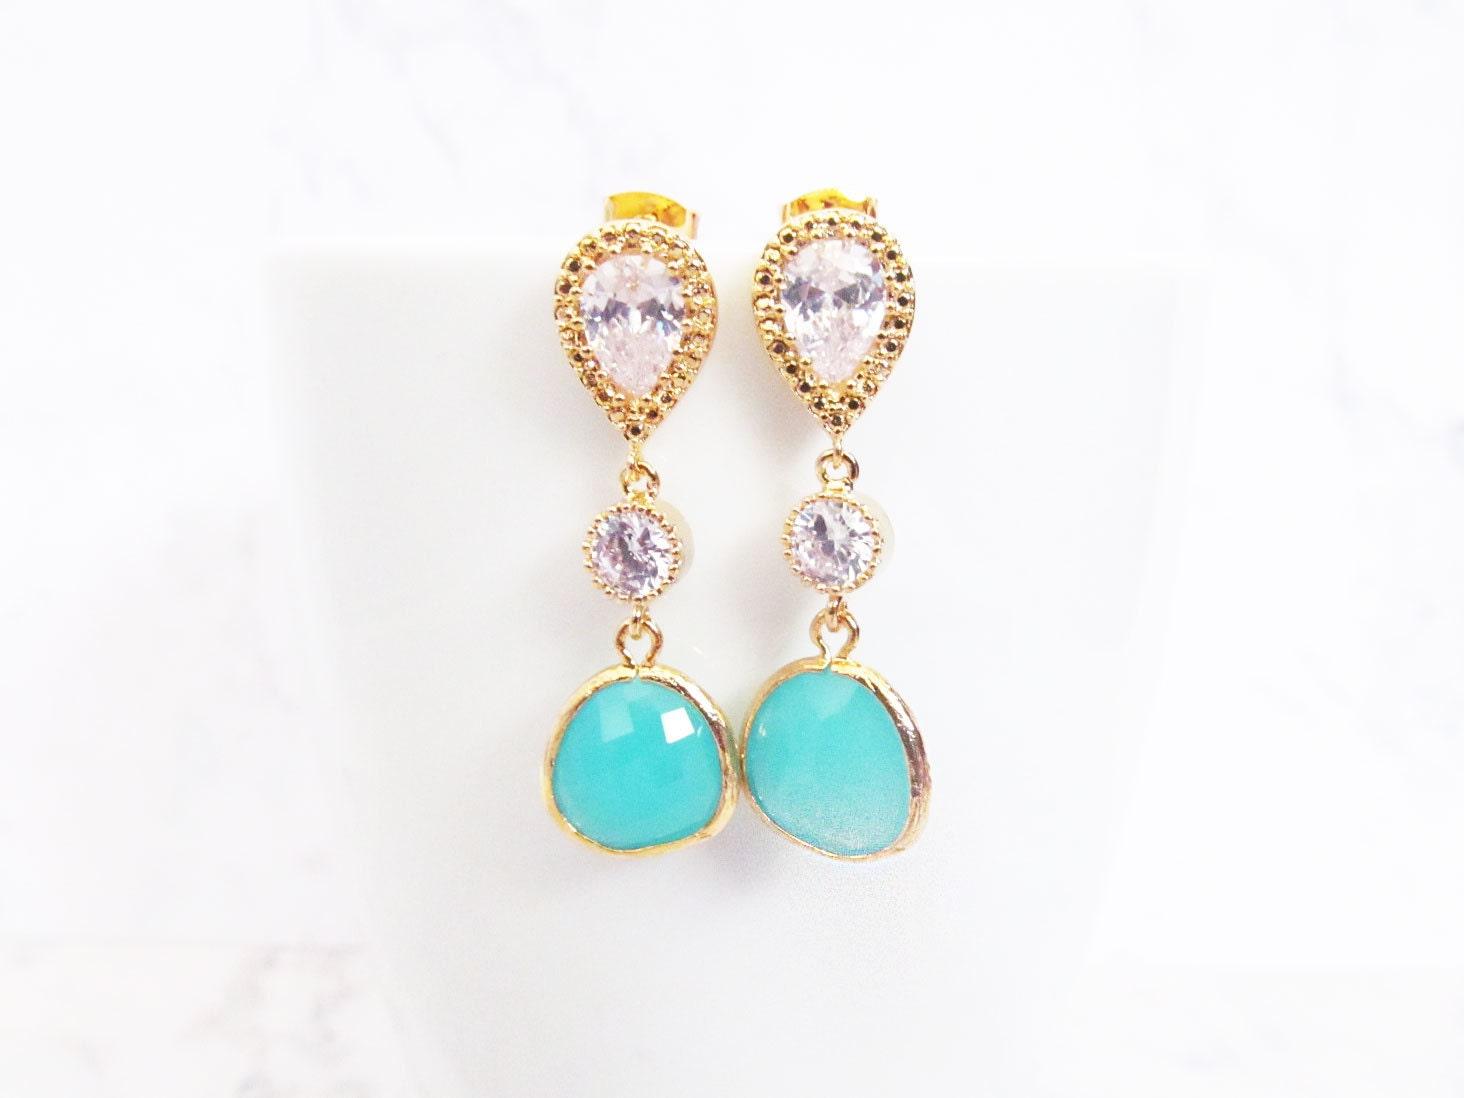 Bridal Bridesmaids Teardrop Earrings Jewelry Filigree Mint Green Drop Earrings Wedding Jewellery Turquoise Gold Chandelier Drop Earrings